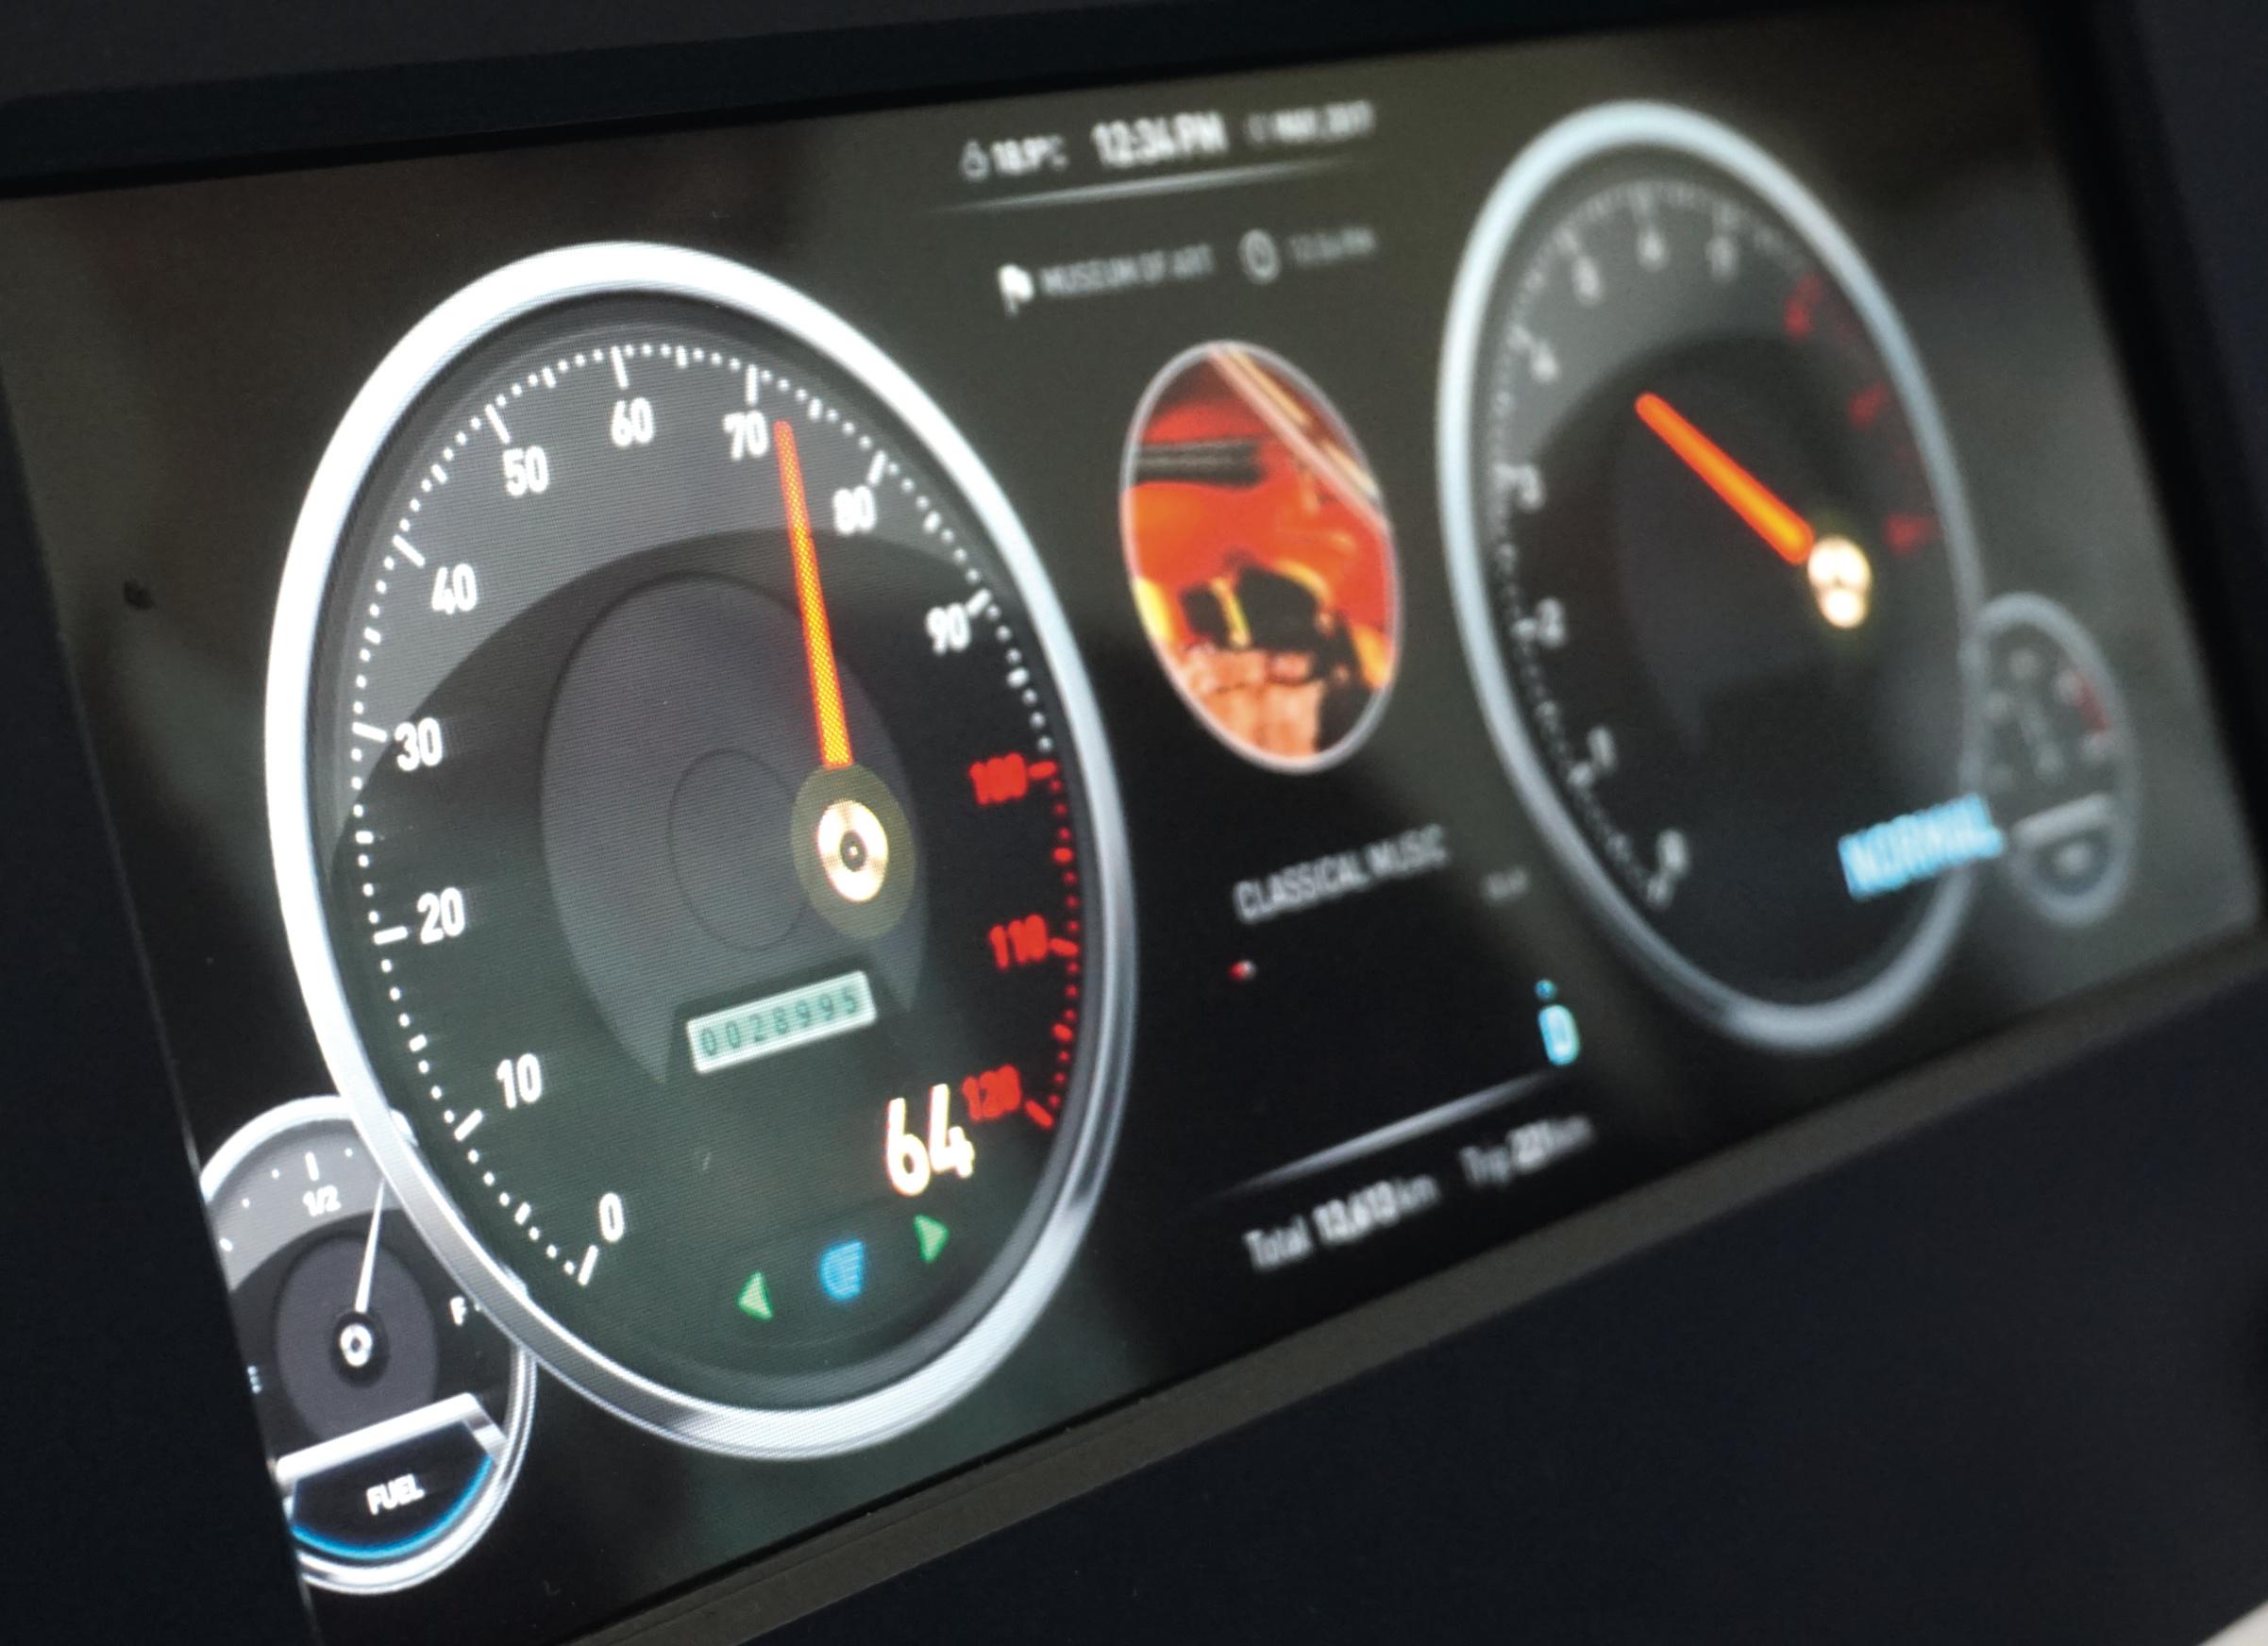 Warum Displays Im Fahrzeug An Bedeutung Gewinnen Ct Magazin - Auto display